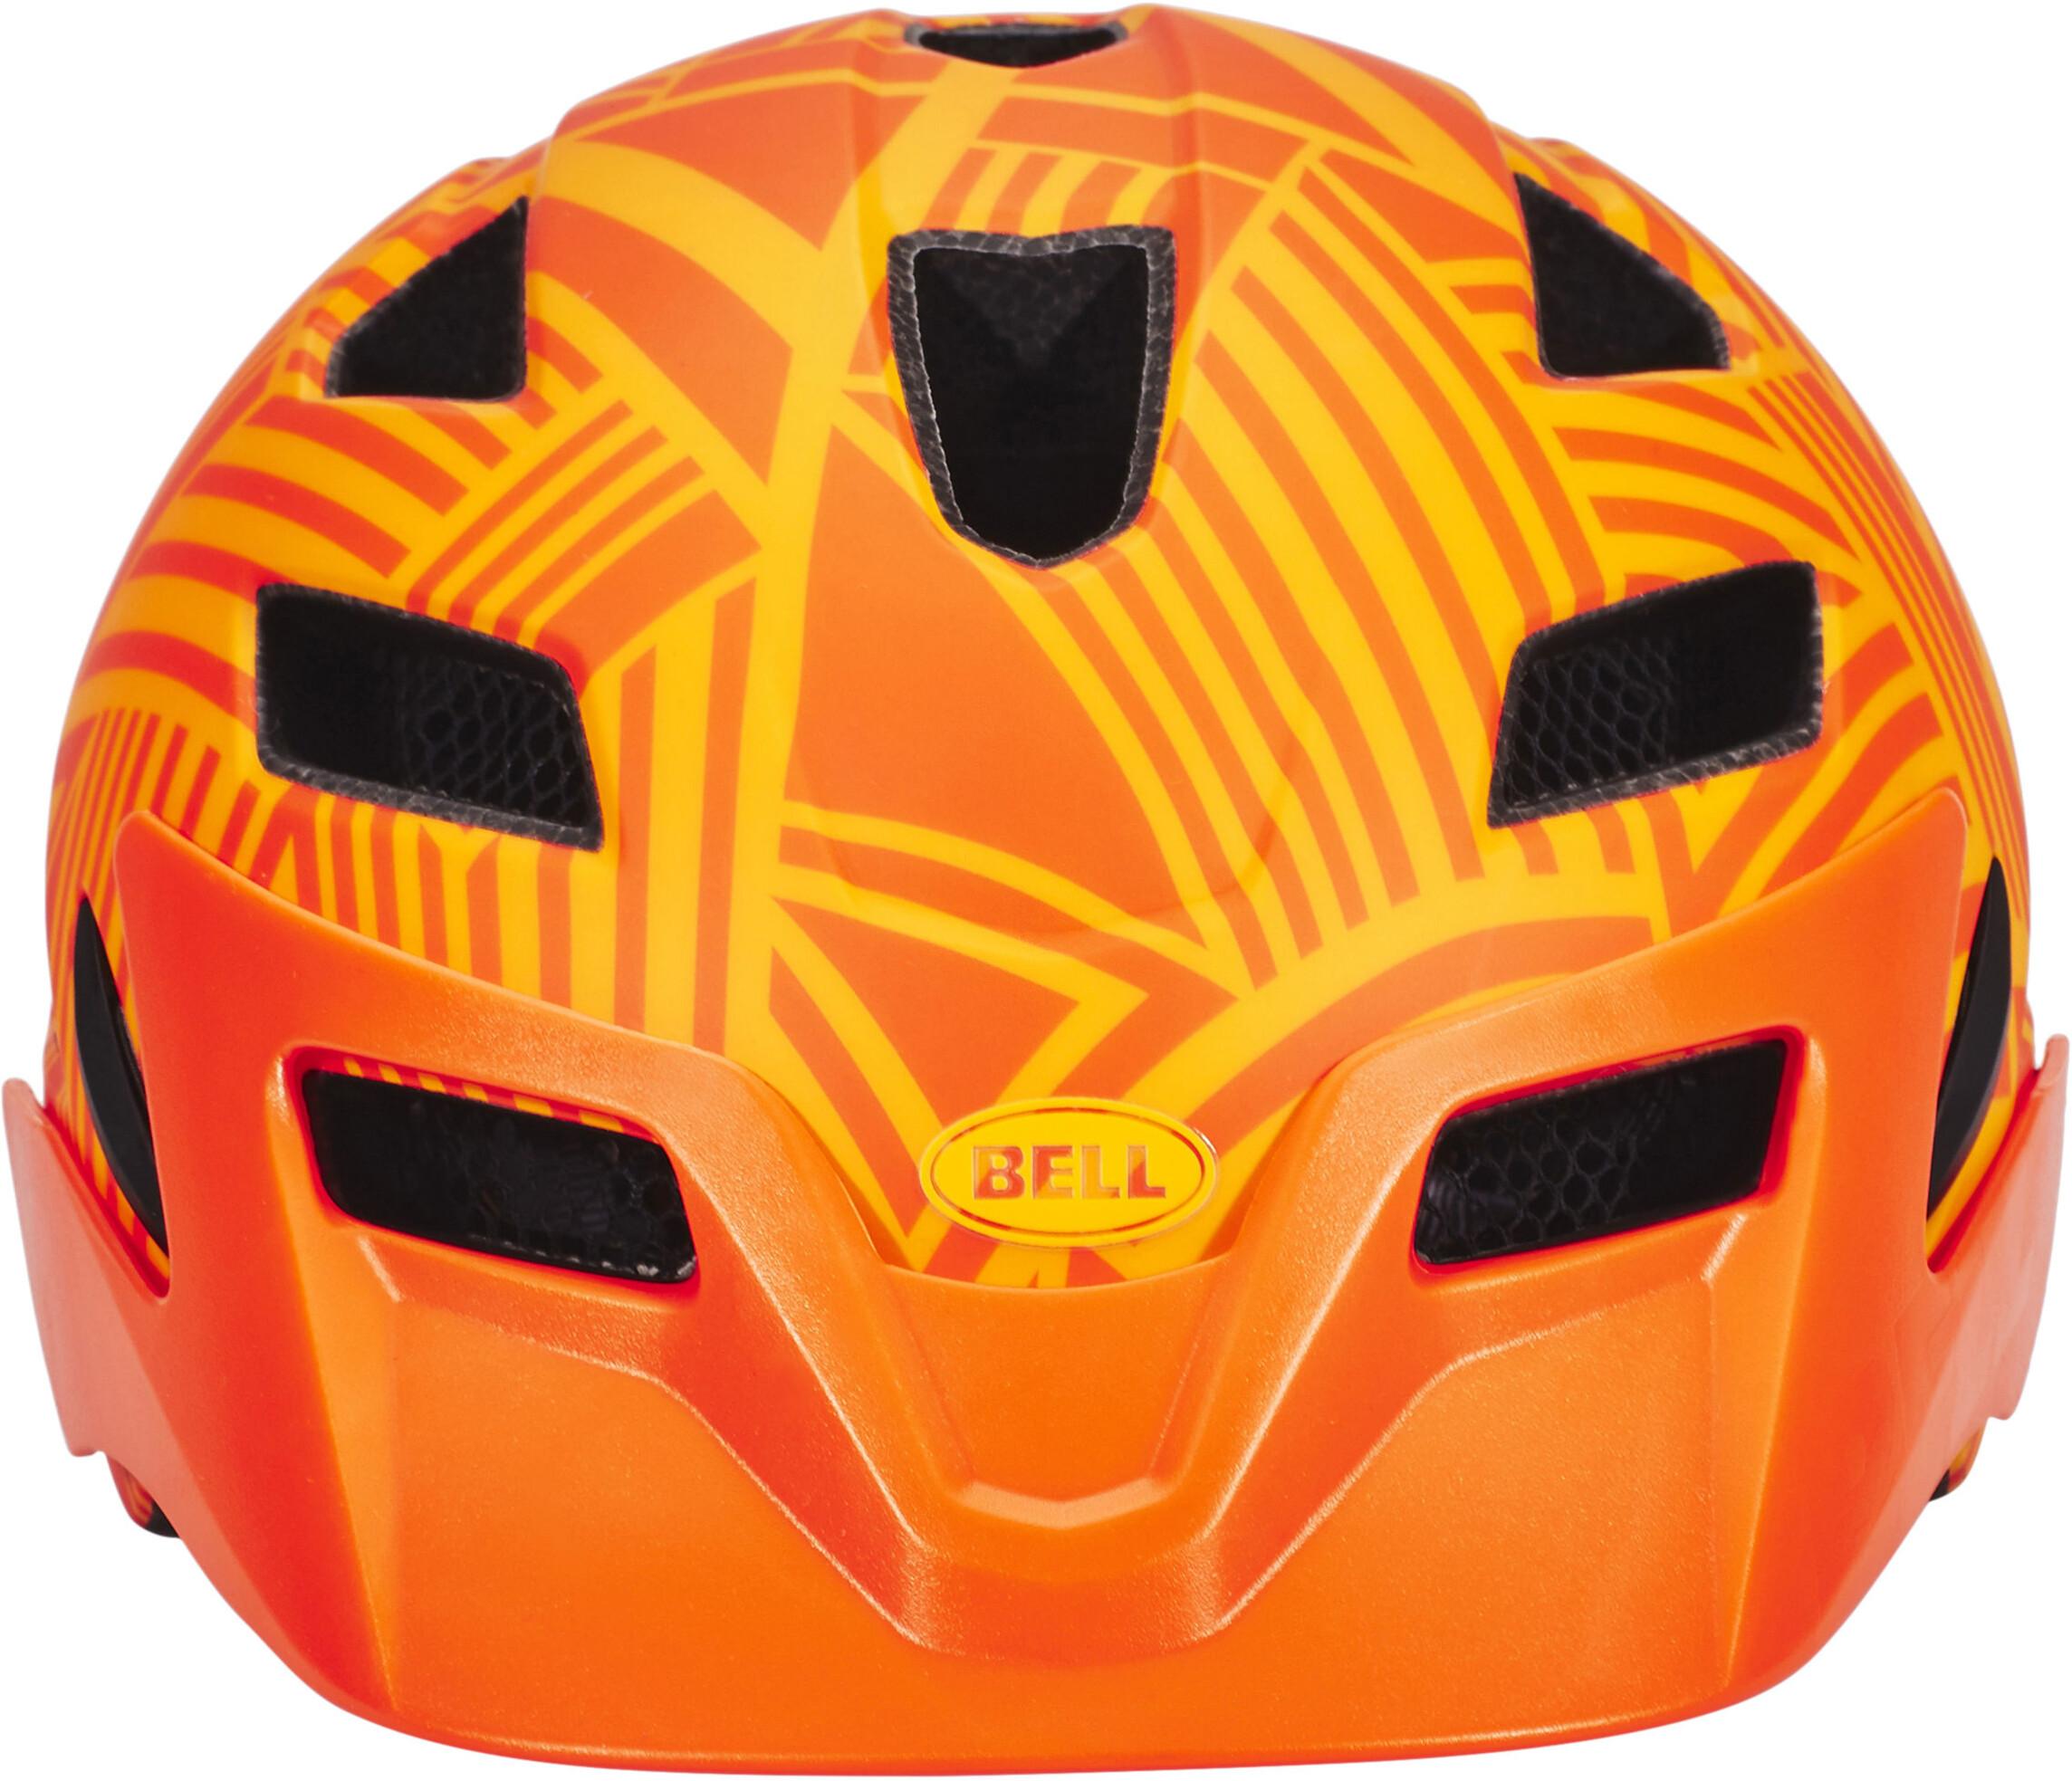 bell sidetrack bike helmet children orange at. Black Bedroom Furniture Sets. Home Design Ideas